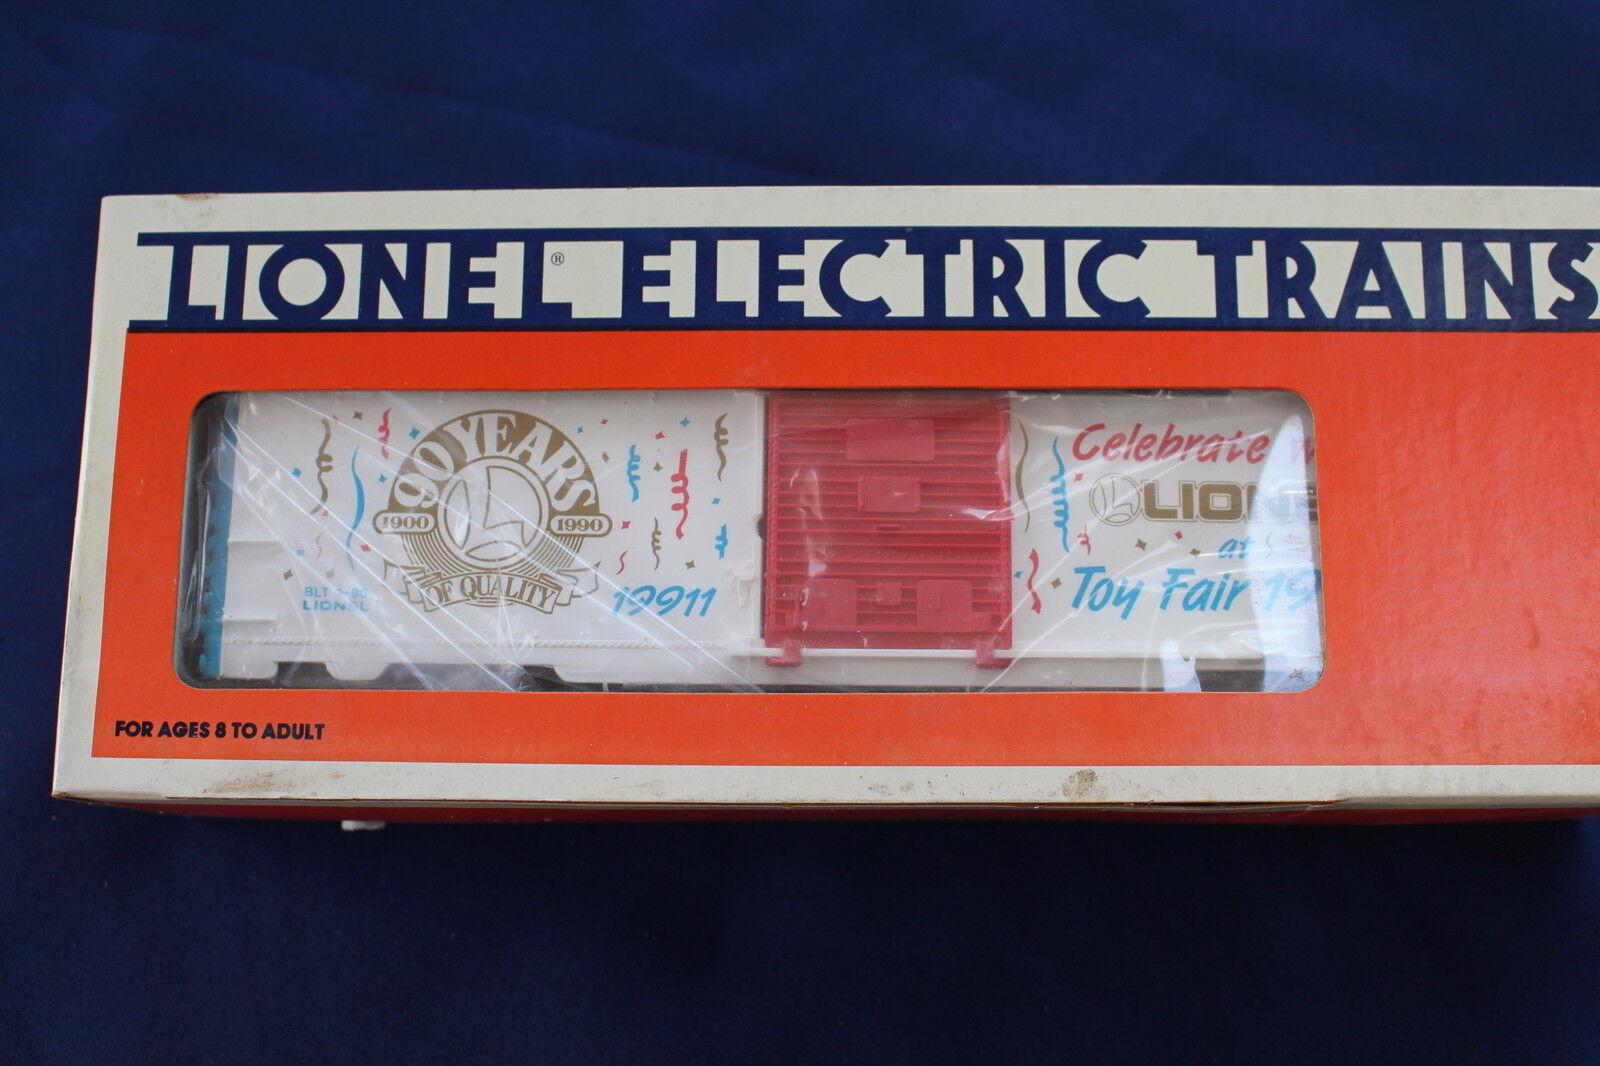 1990 Lionel 6-19911 New York Juguete Fair coche de caja L2946